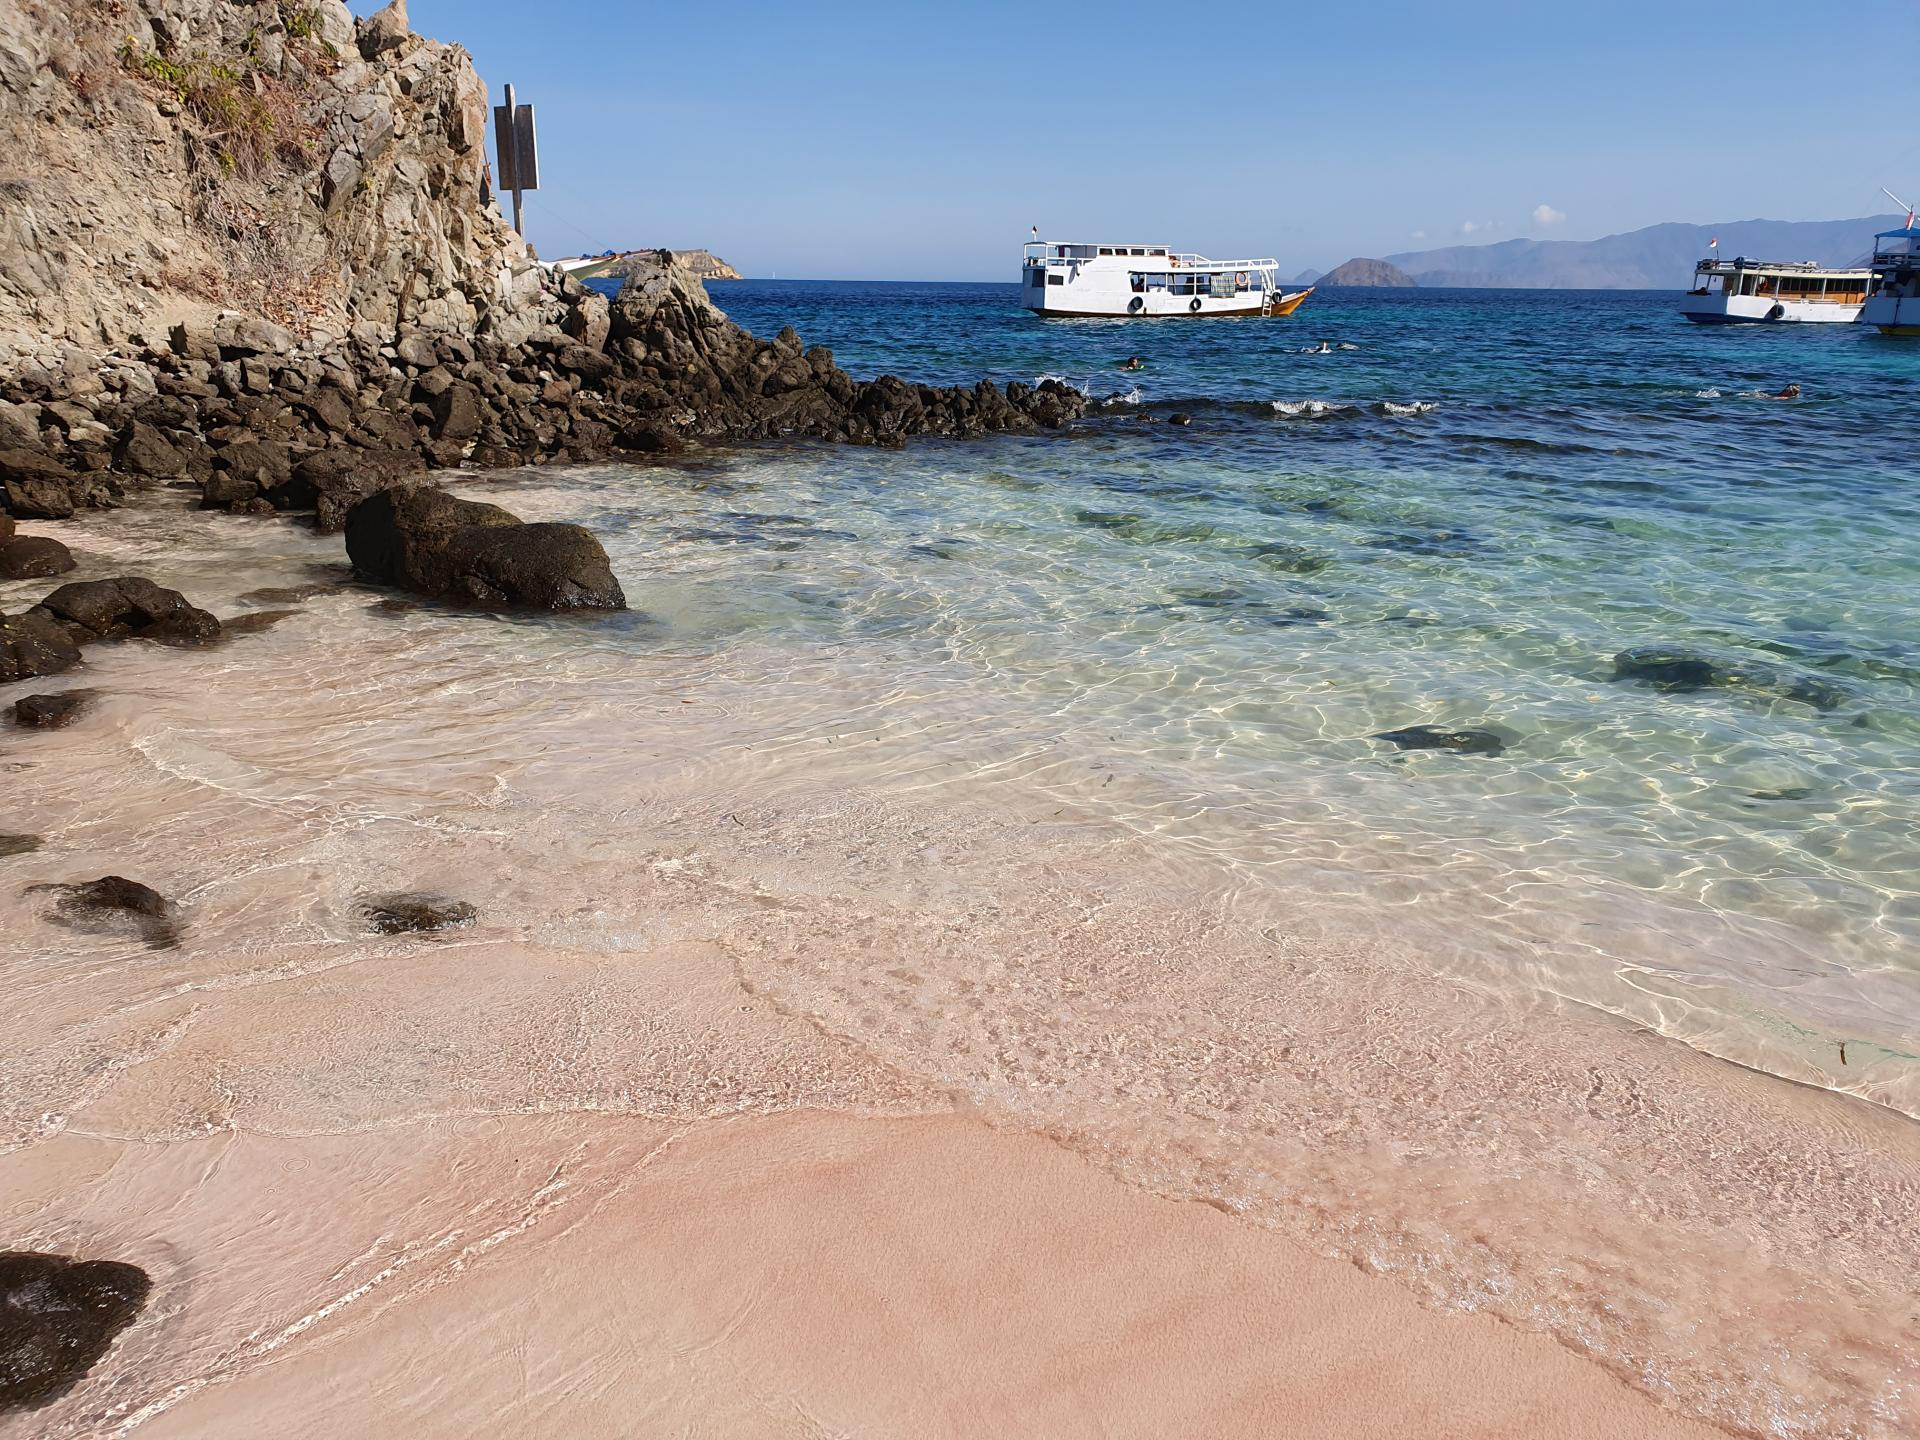 розовый песок на пляже острова Пинк Бич